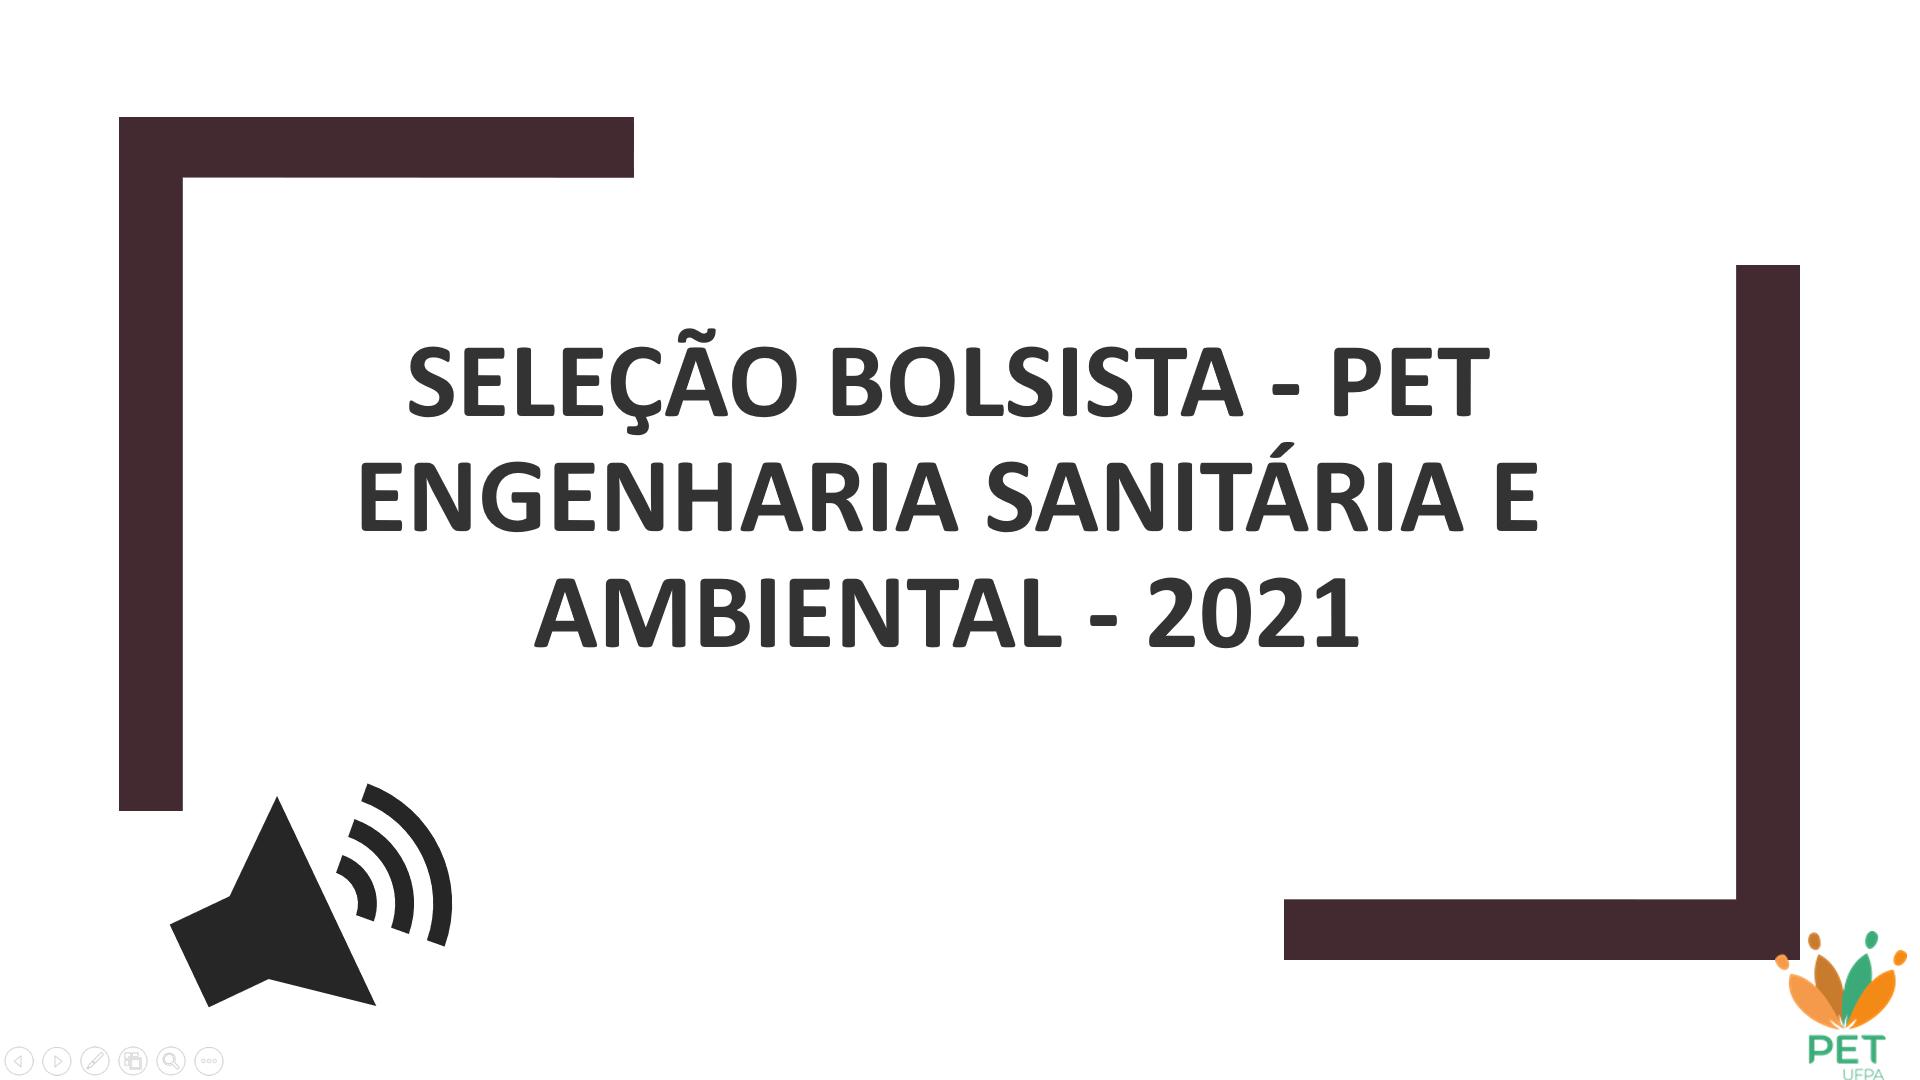 SELEÇÃO BOLSISTA - PET ENGENHARIA SANITÁRIA E AMBIENTAL